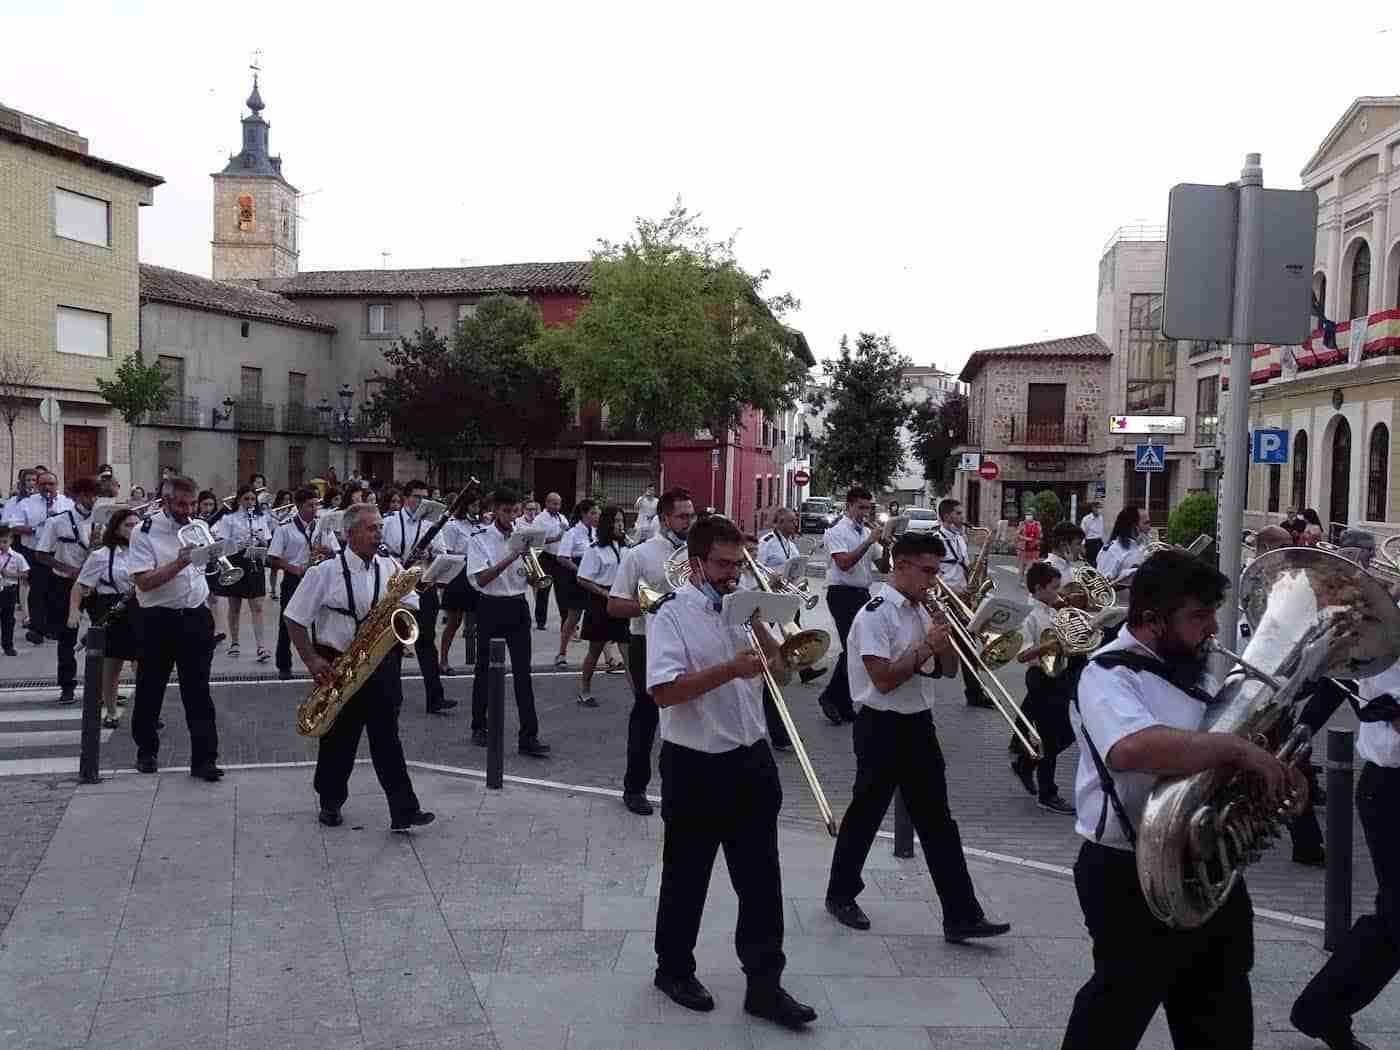 Quintanar inaugura sus fiestas patronales con un pasacalles de la Banda Sinfónica Municipal 10